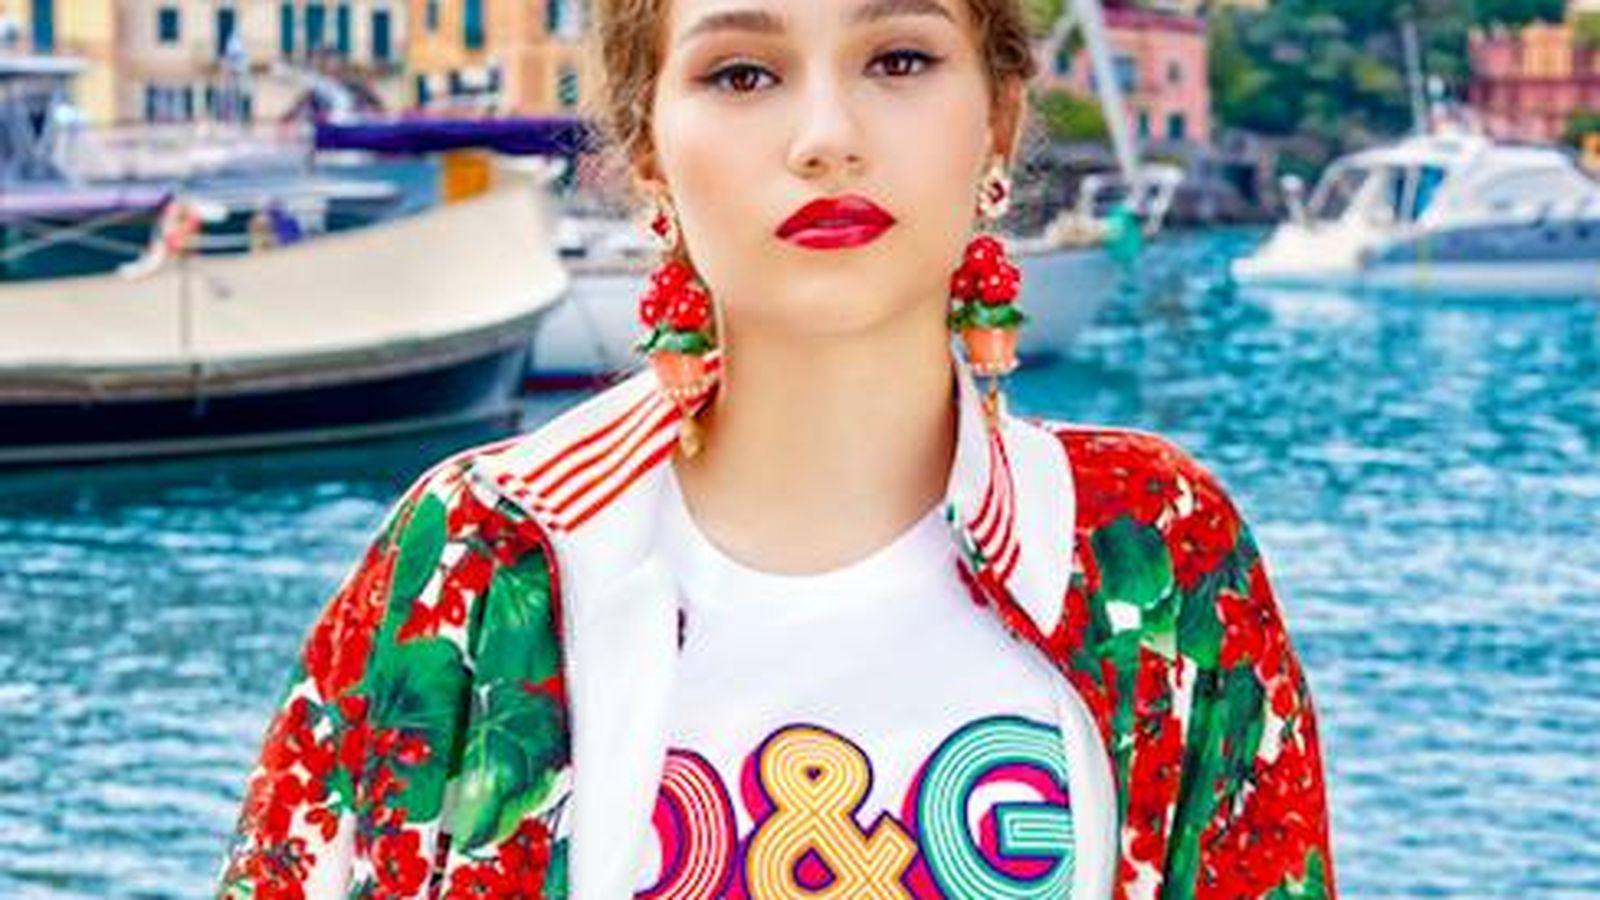 Foto: Dolce & Gabbana, siempre noticia. (Cortesía)